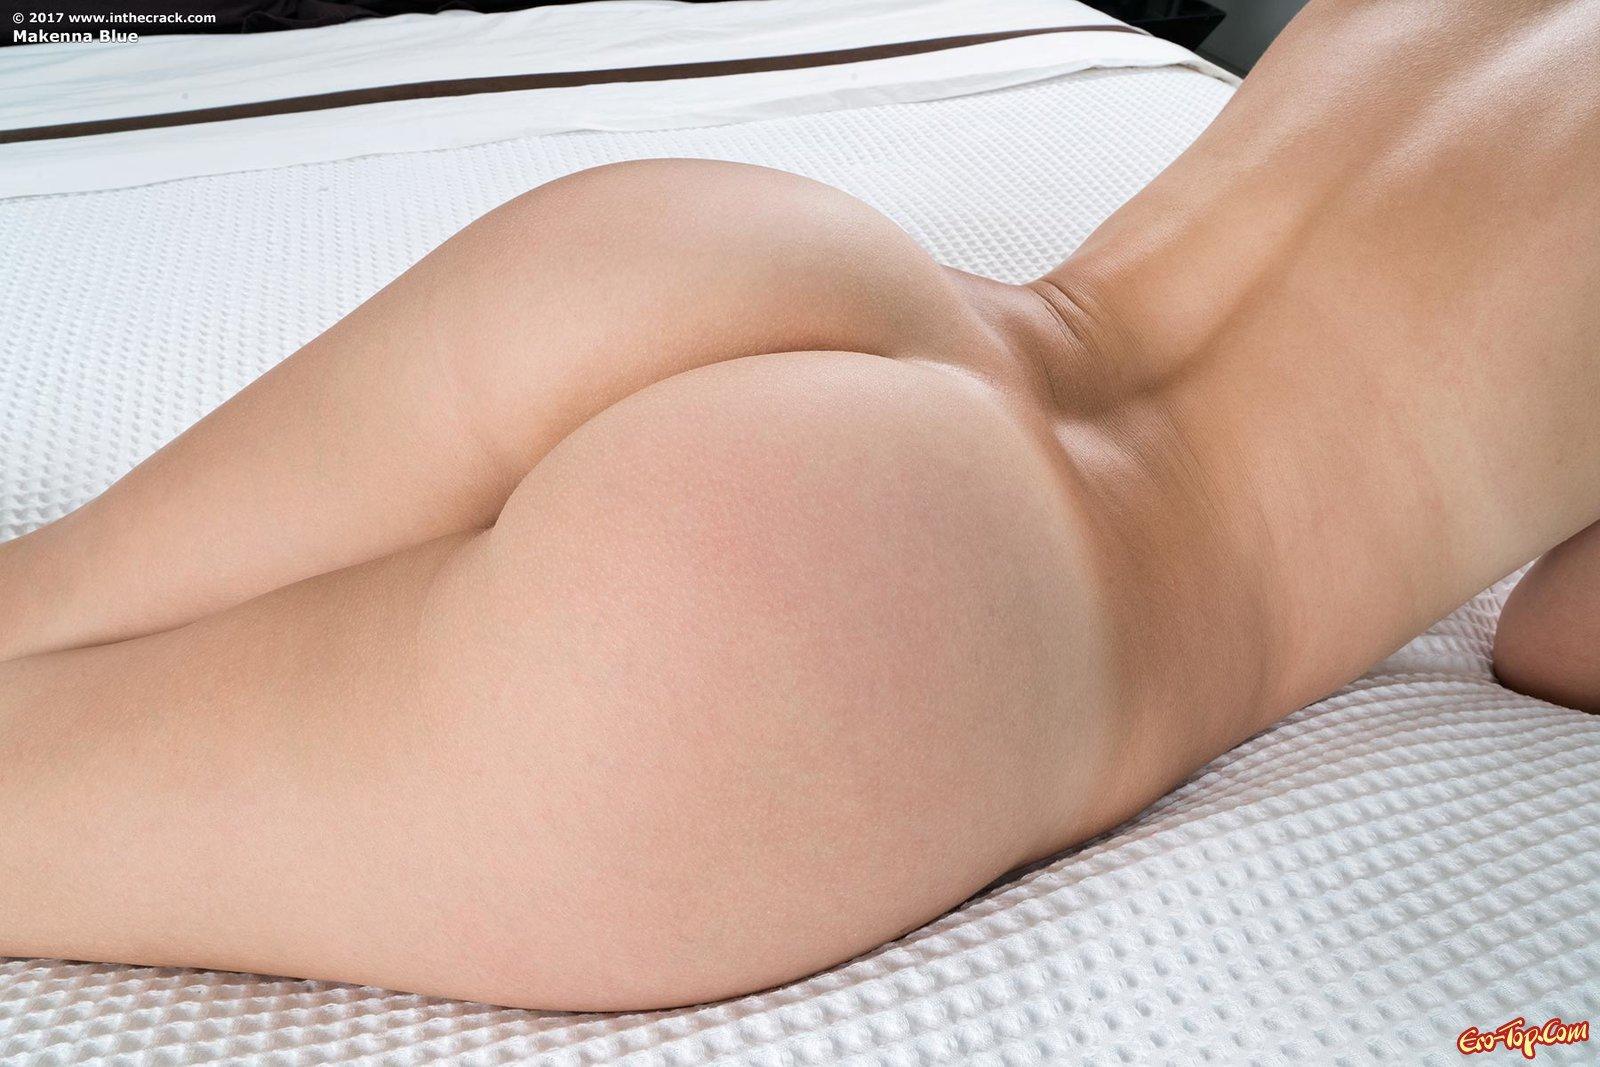 Женщина с шикарной попой удовлетворила бритую киску